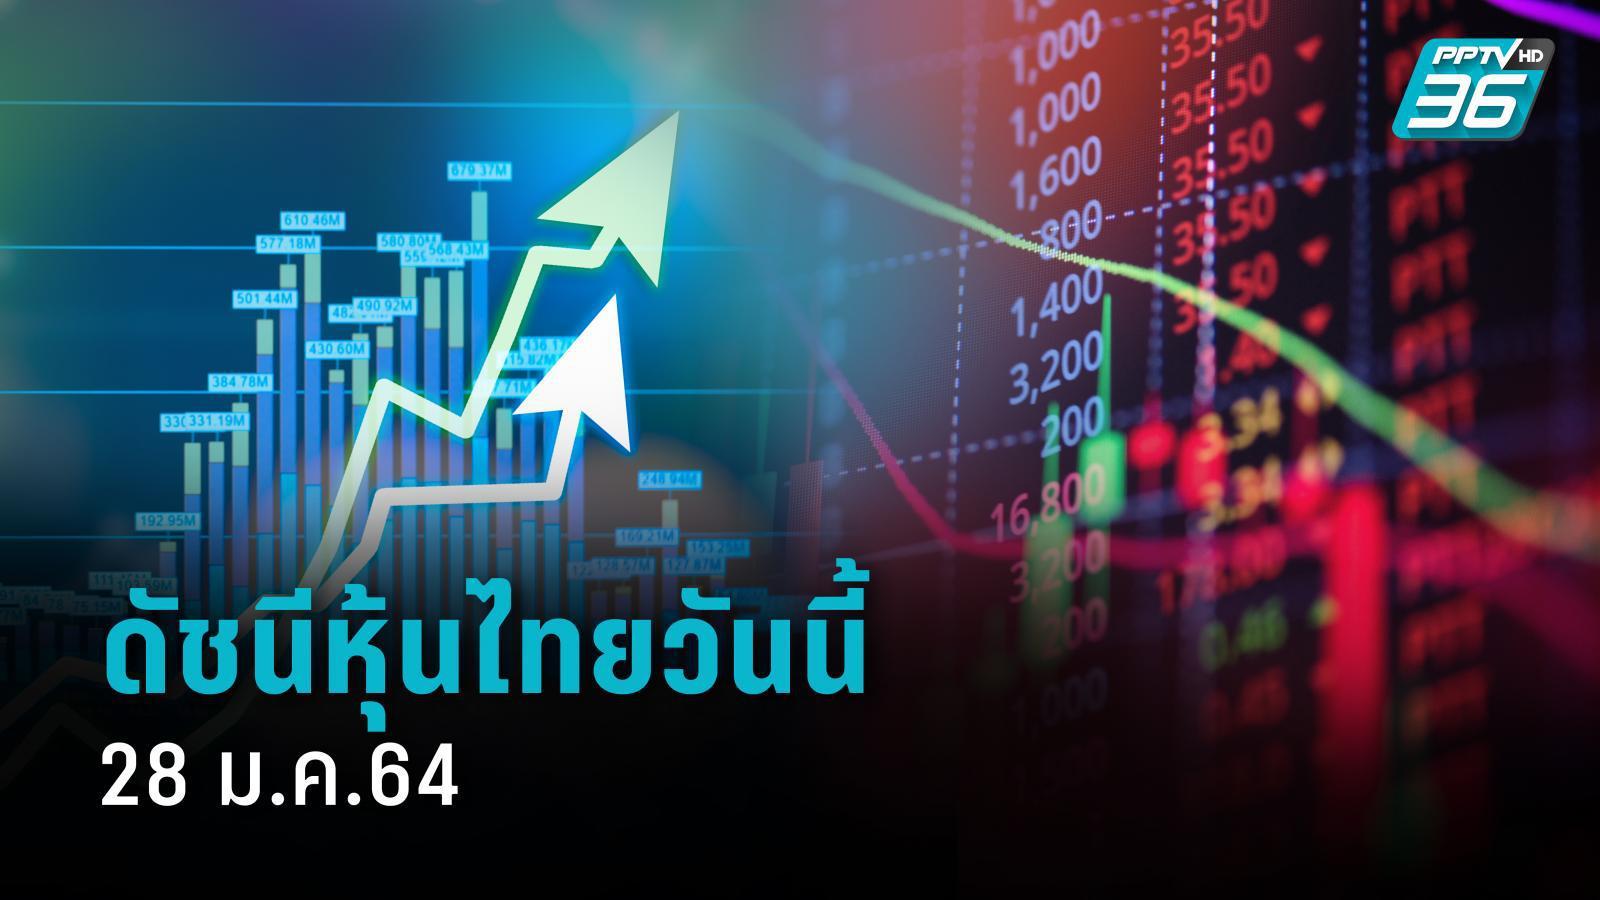 หุ้นไทย (28 ม.ค.) ซื้อขายที่ระดับ  1,483.27 จุด ร่วงไป -14.86 จุด แนวโน้มการลงทุนในช่วงบ่ายนี้